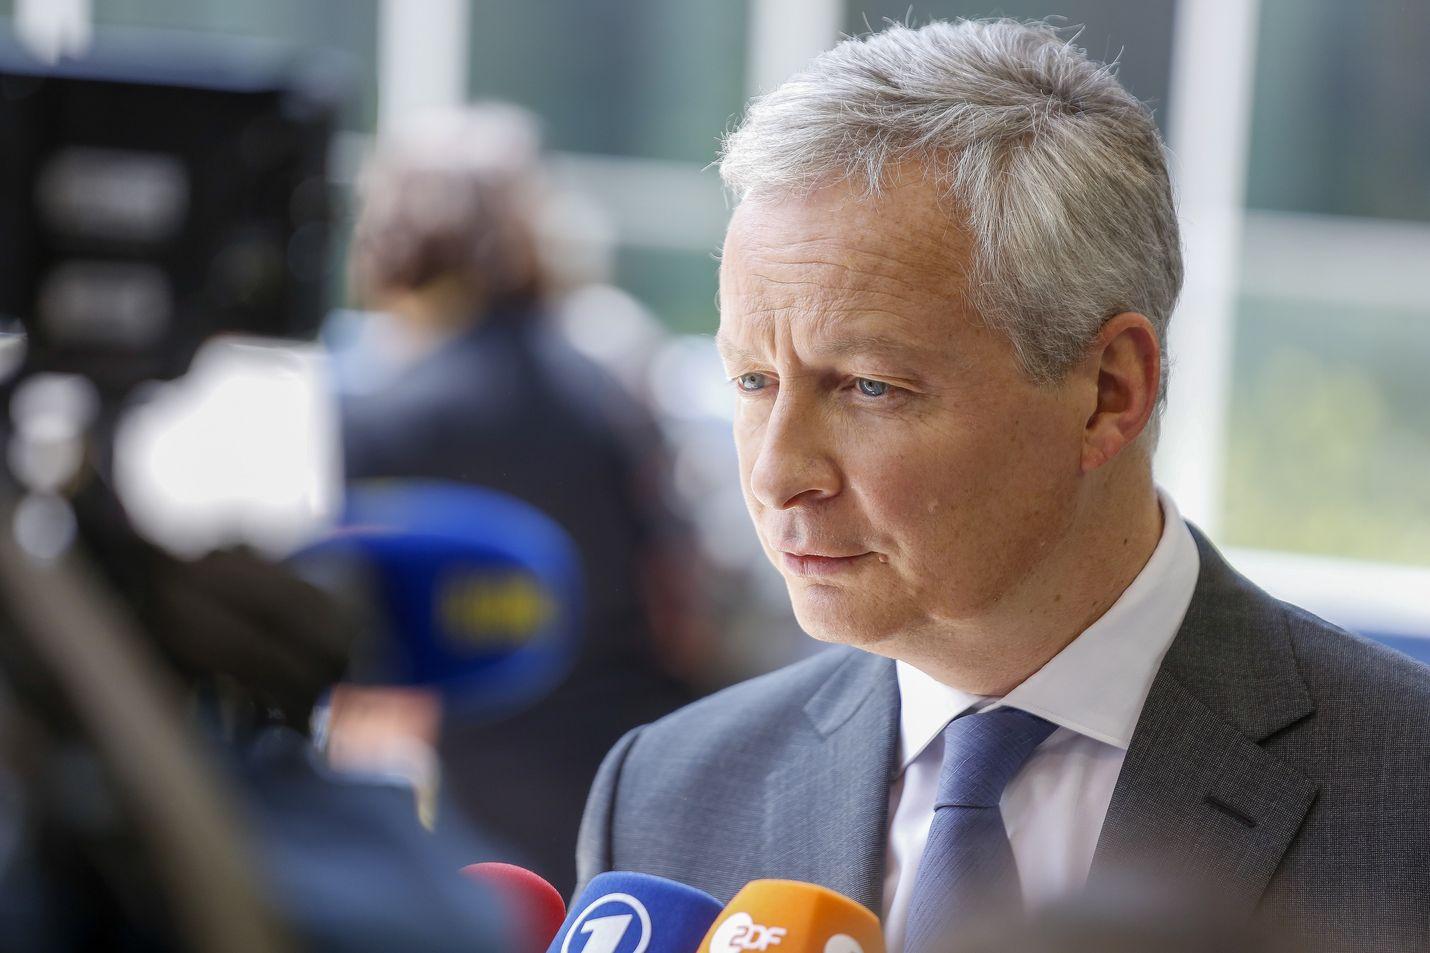 Ranskan valtiovarainministeri Bruno Le Maire puolusti Ranskan oikeutta päättää verotuksestaan Yhdysvaltain määräämästä selvityksestä huolimatta.